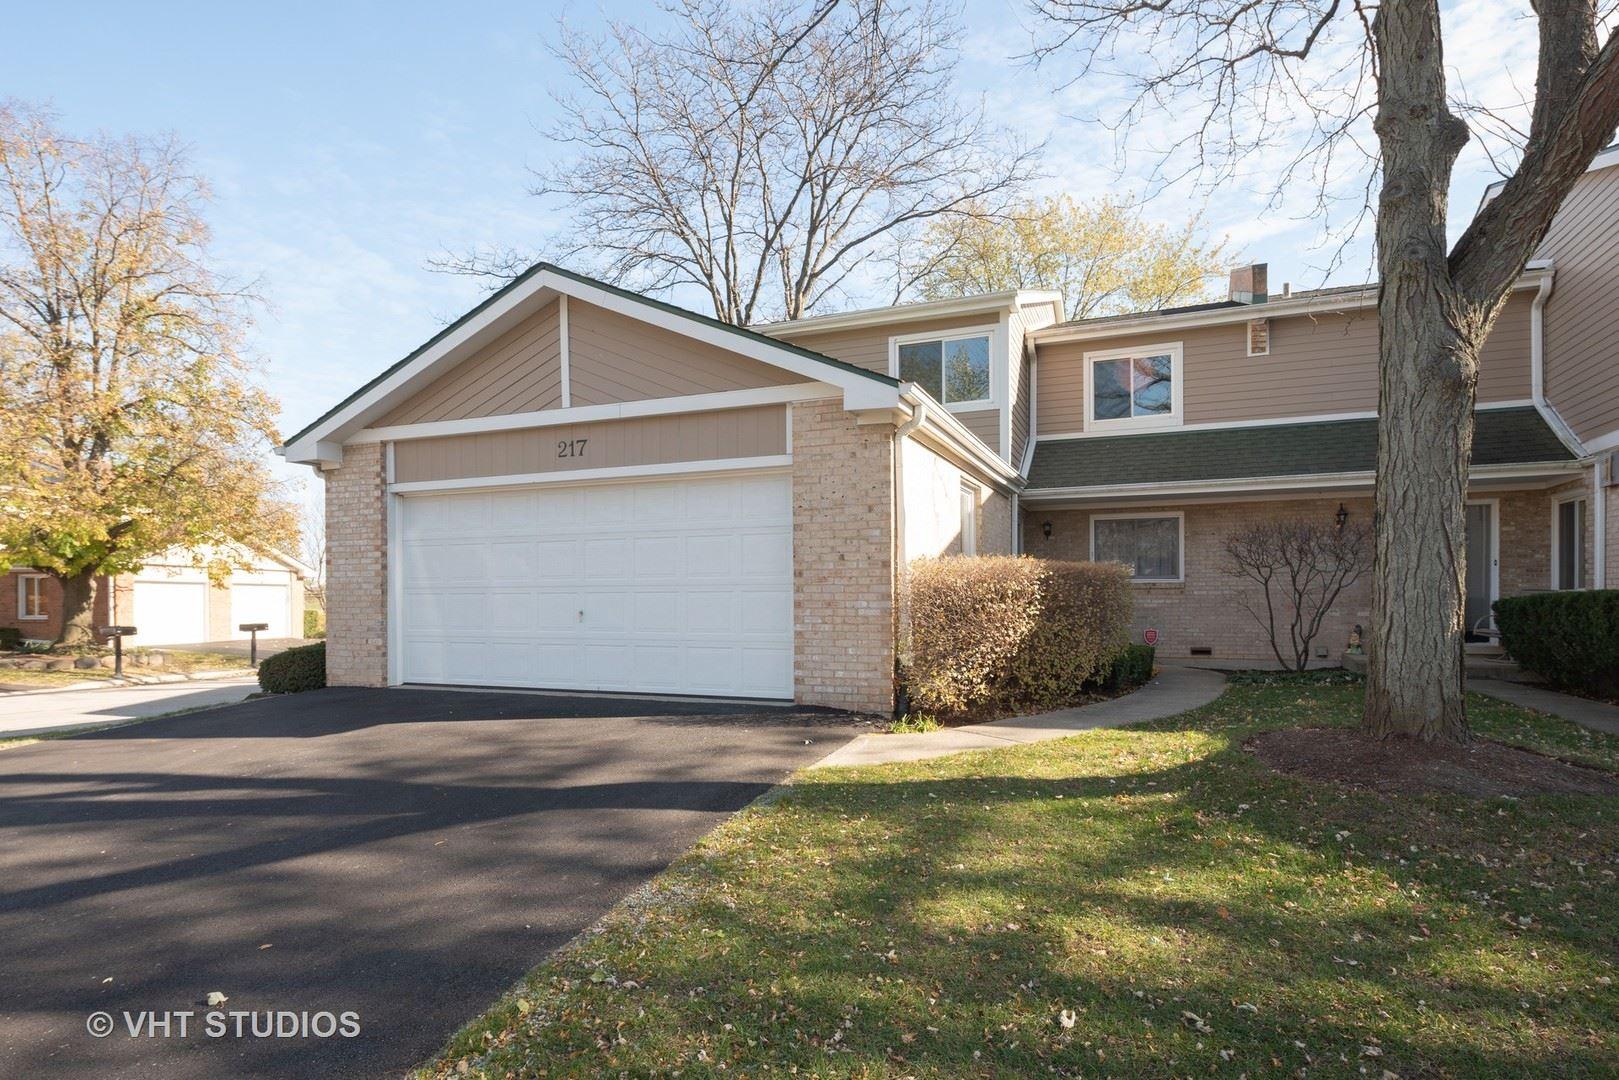 217 W GOLFVIEW Terrace, Palatine, IL 60067 - #: 10925912